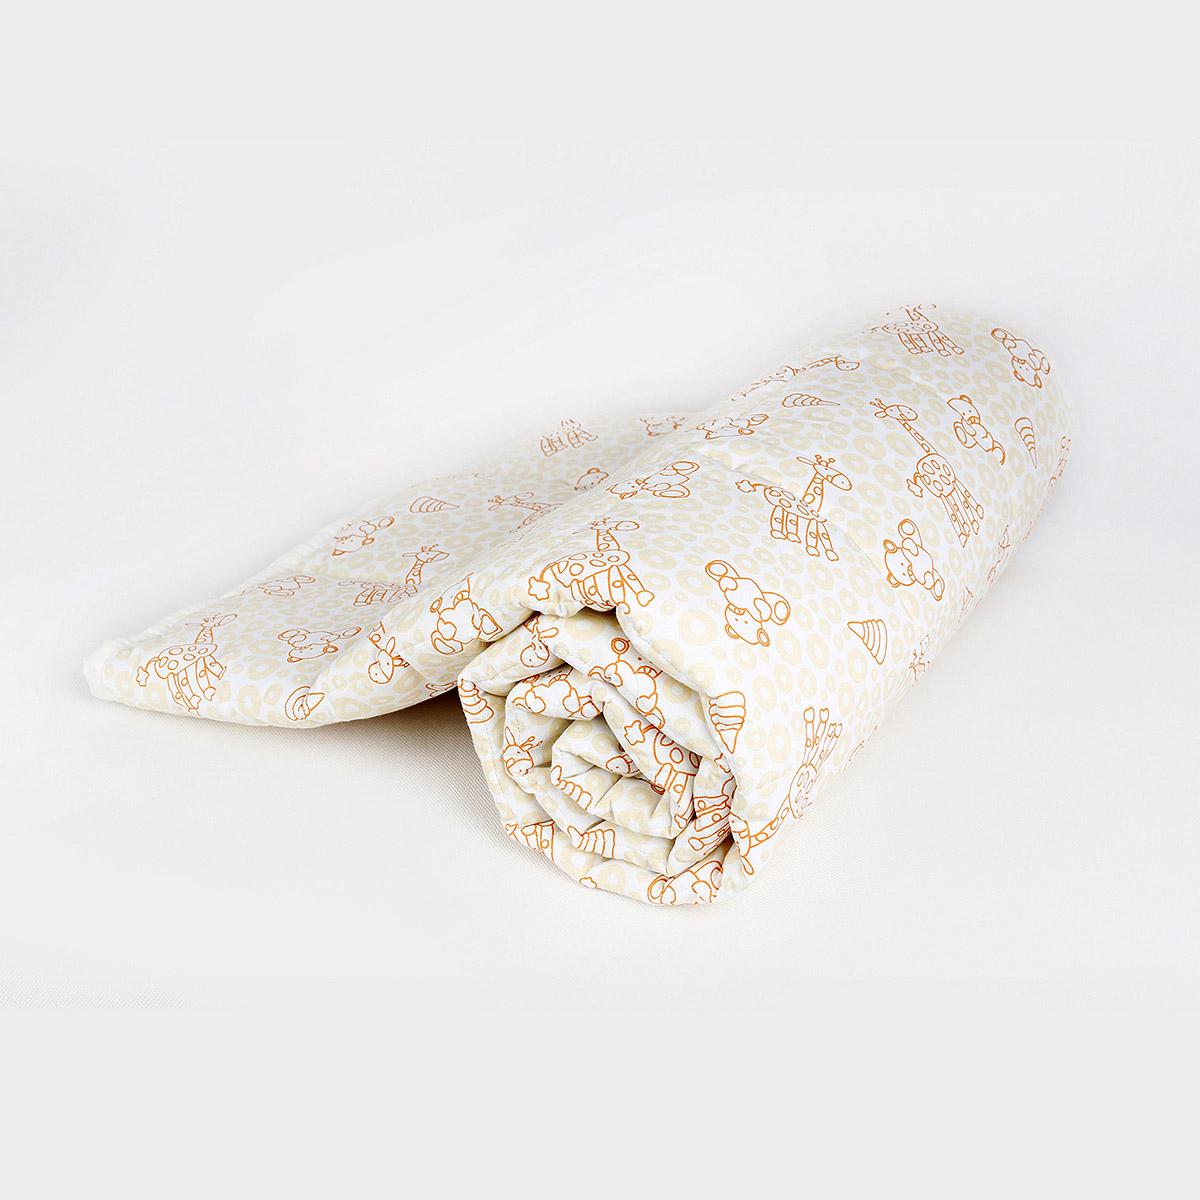 Одеяло Baby Nice стеганное файбер 300силиконизированный 105х140 Мишки и жирафы (бежевый, голубой)